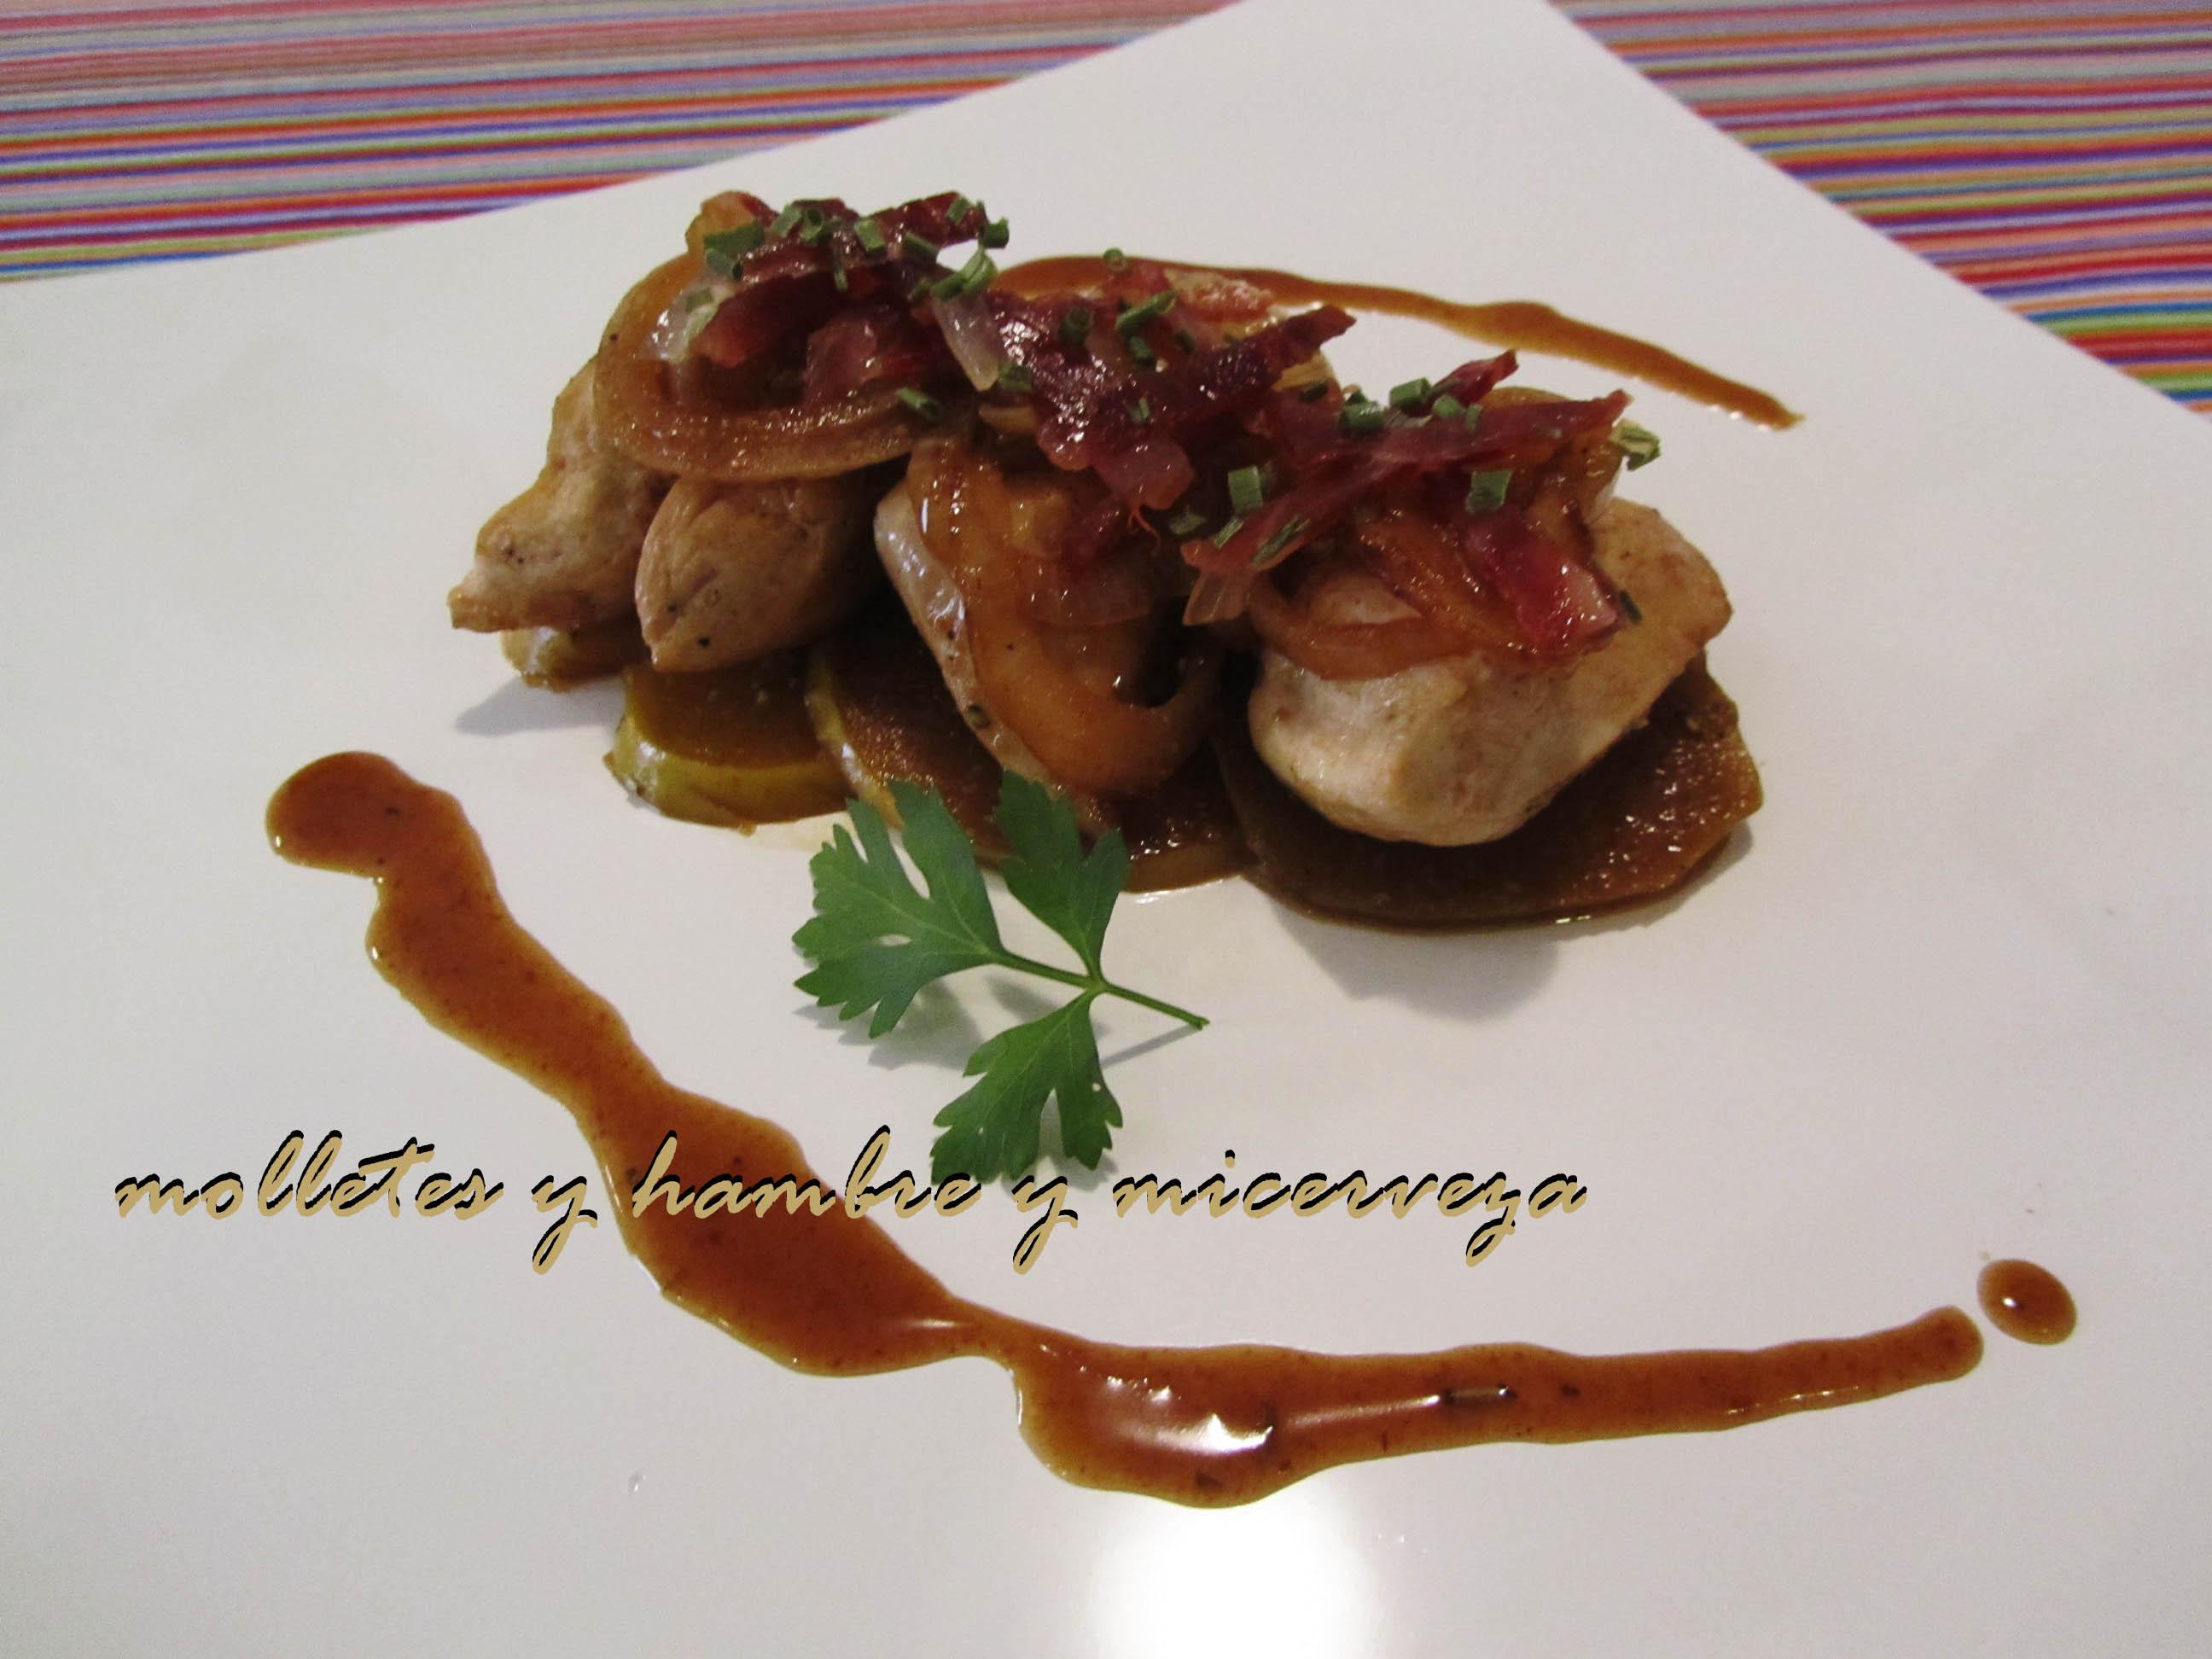 Pollo con cebolla y manzana en salsa de palo cortado for Decoracion de platos gourmet pdf